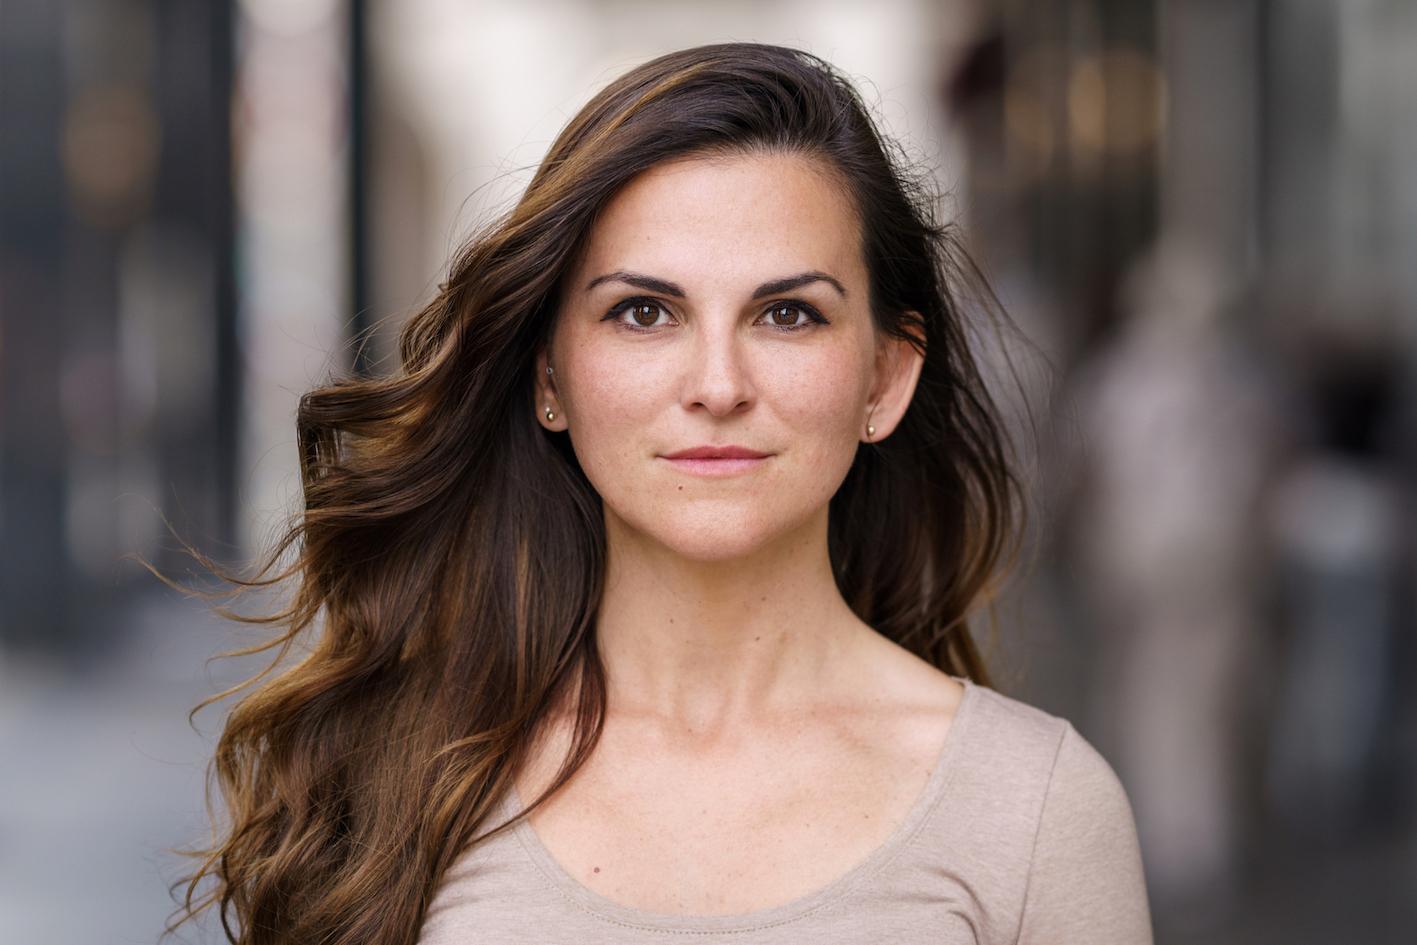 Sarah aus Berlin Haarfarbe: braun (mittel), Augenfarbe: braun, Gr��e: 165, Deutsch: 0, Englisch: , Franz�sisch: , Spanisch: